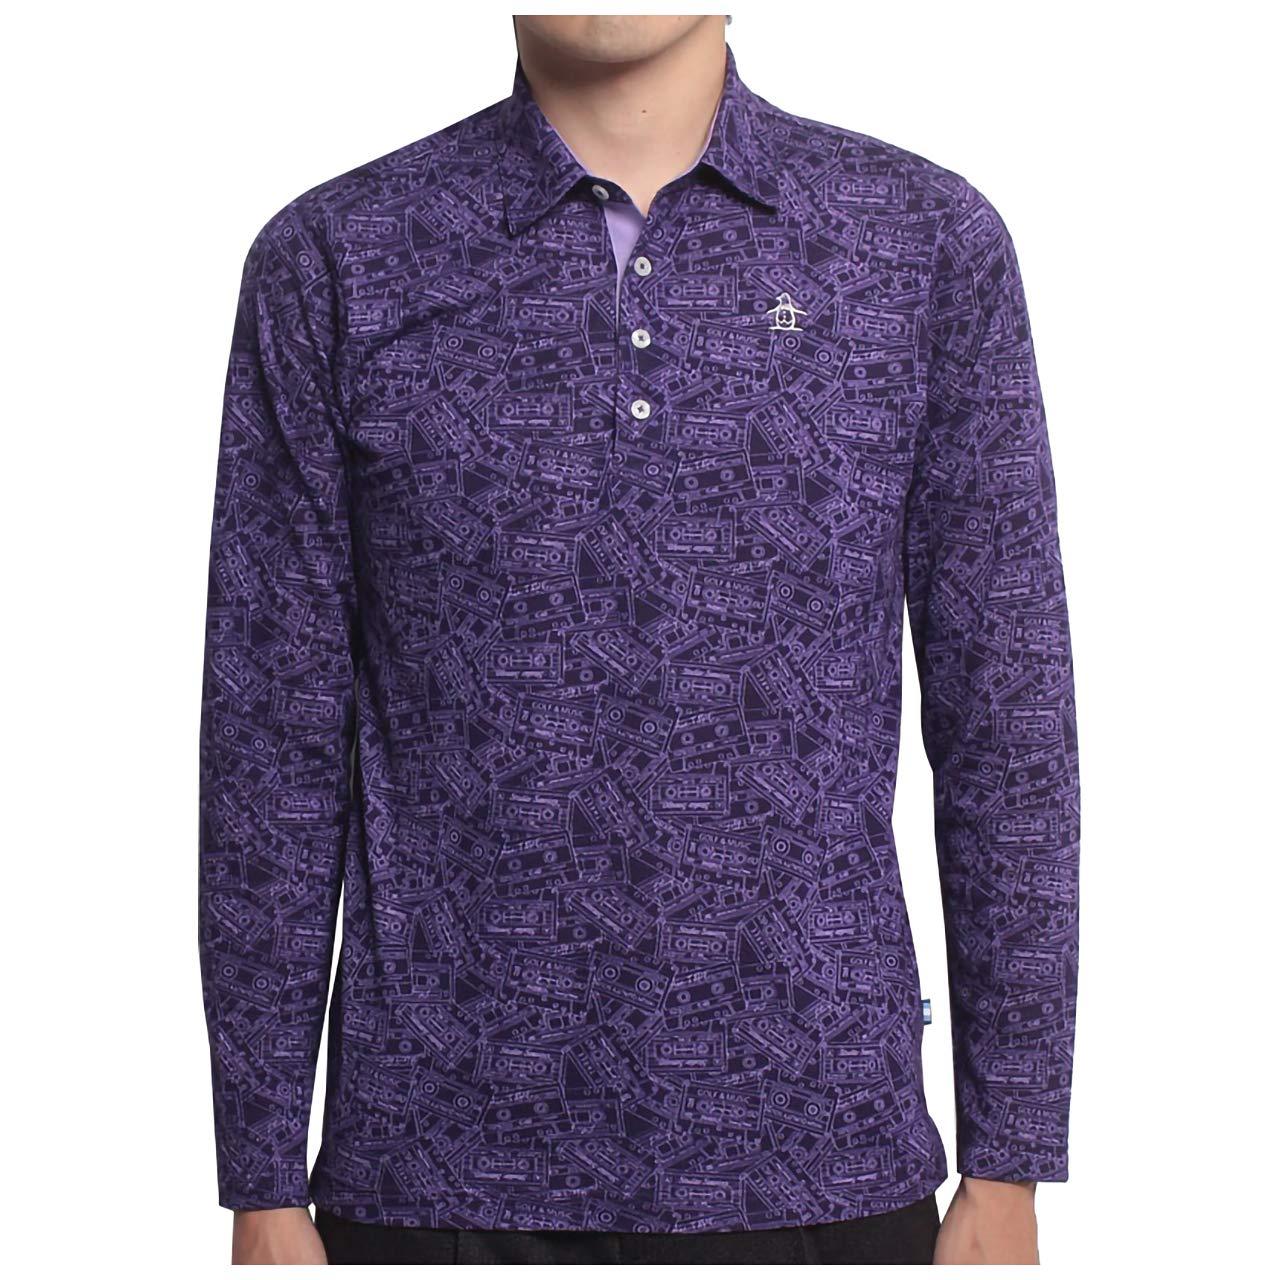 マンシングウェア(Munsingwear) 長袖総柄プリントシャツ JWMK130 B07H25X89T  パープル(P237) Medium